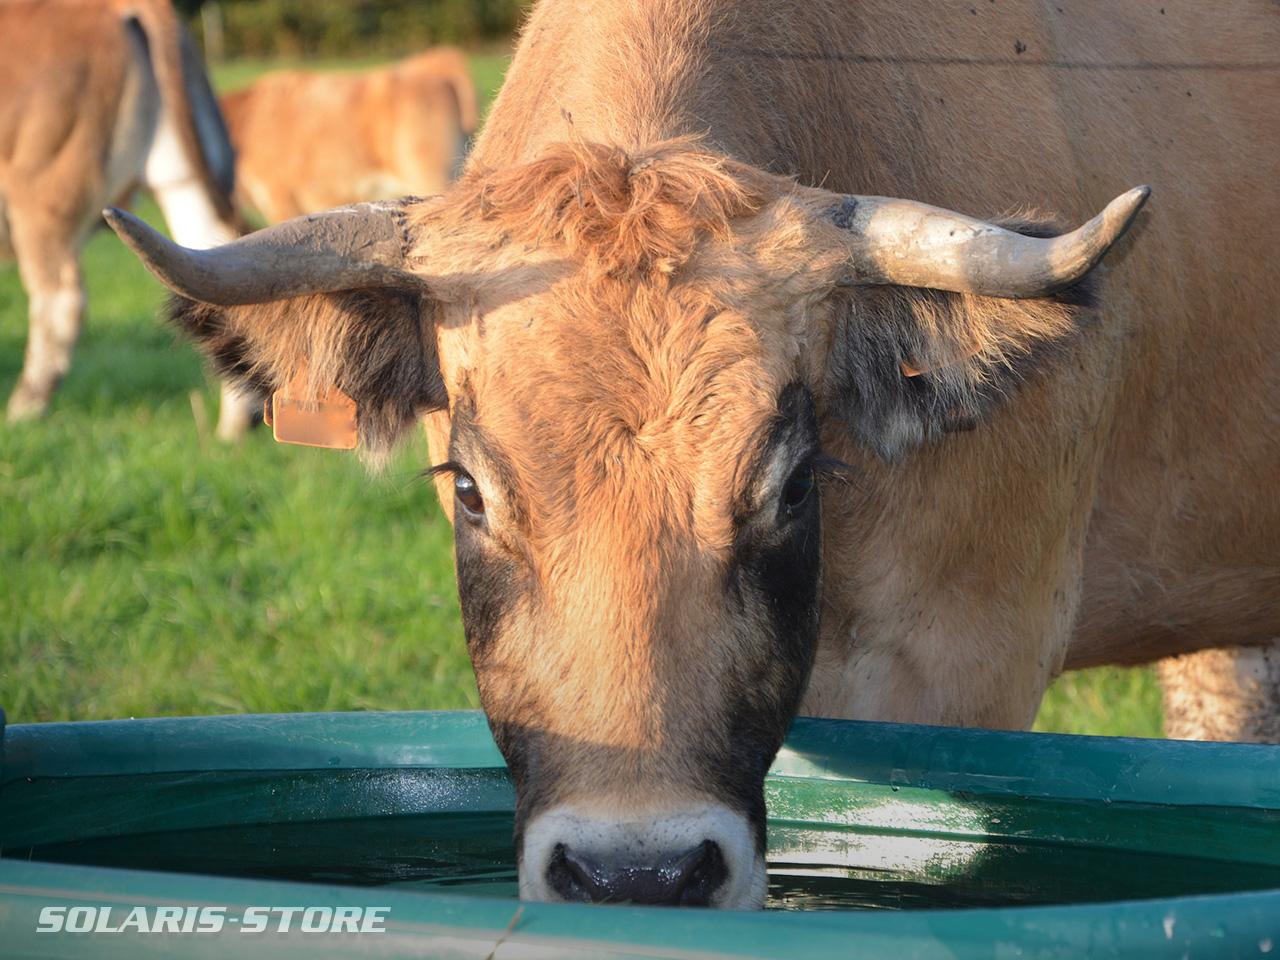 Abreuvoir alimenté par une pompe solaire pour éviter l'abreuvement direct du bétail dans la rivière